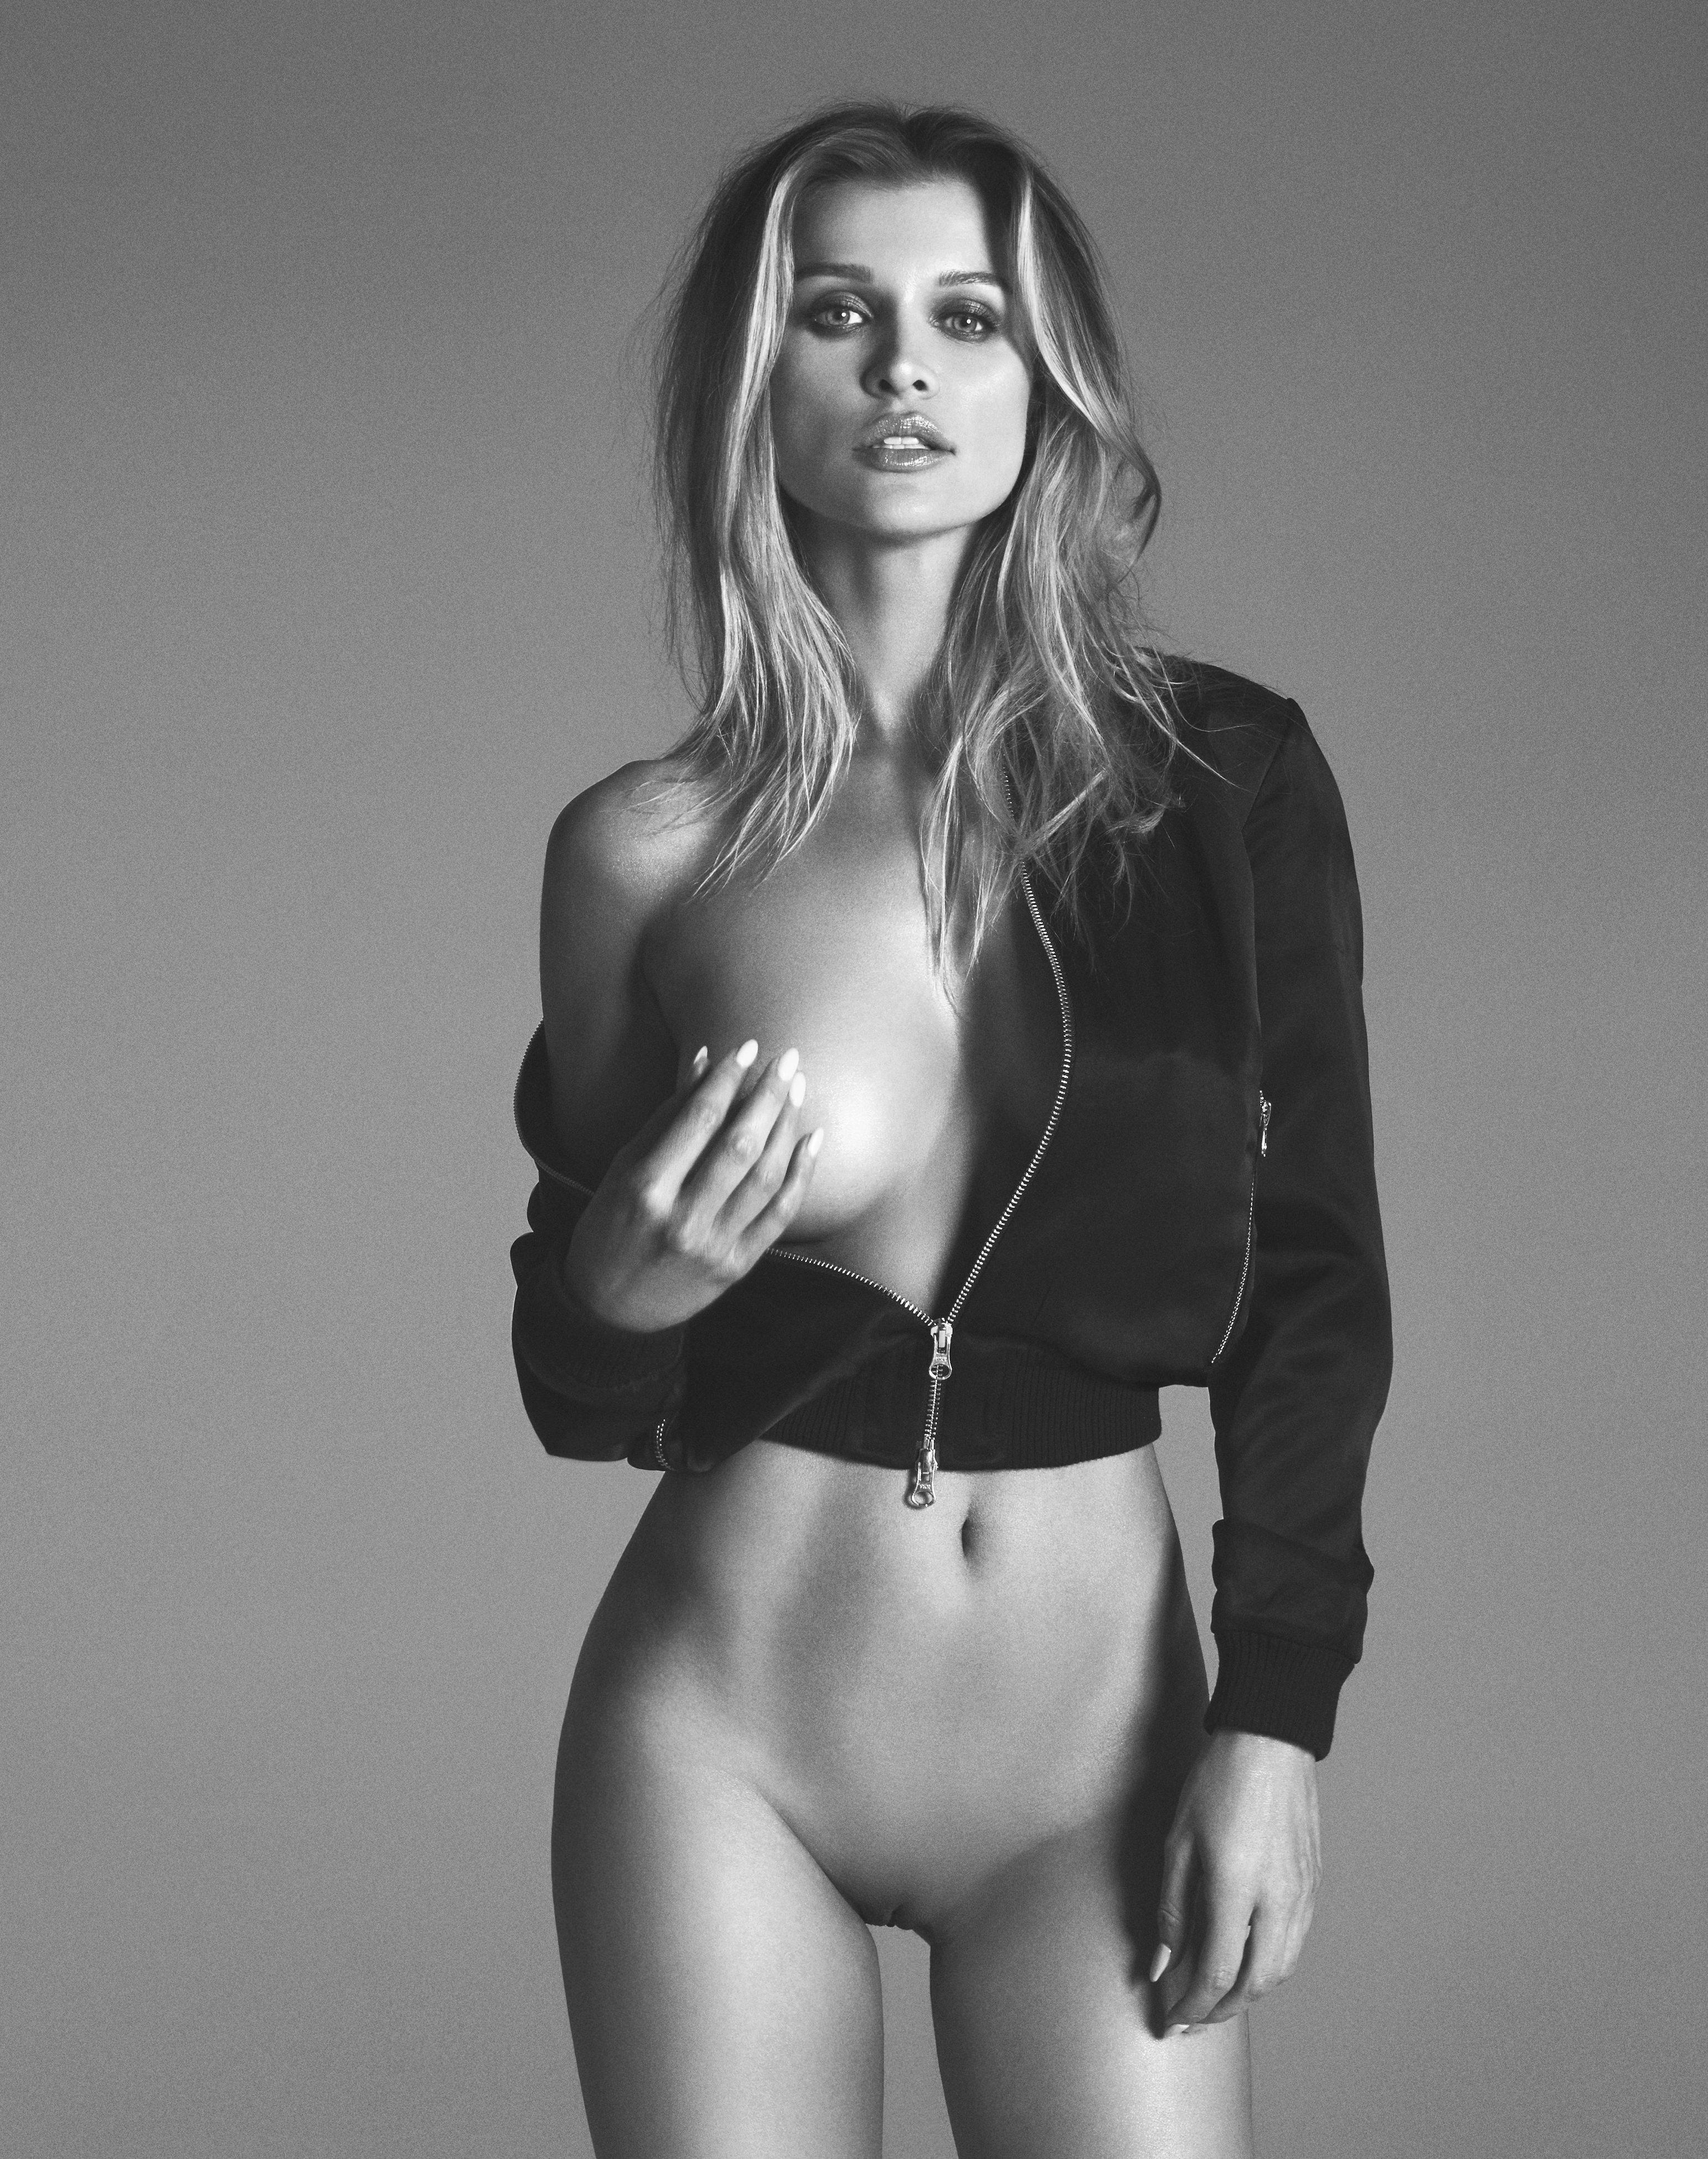 Hot bikini girl pic